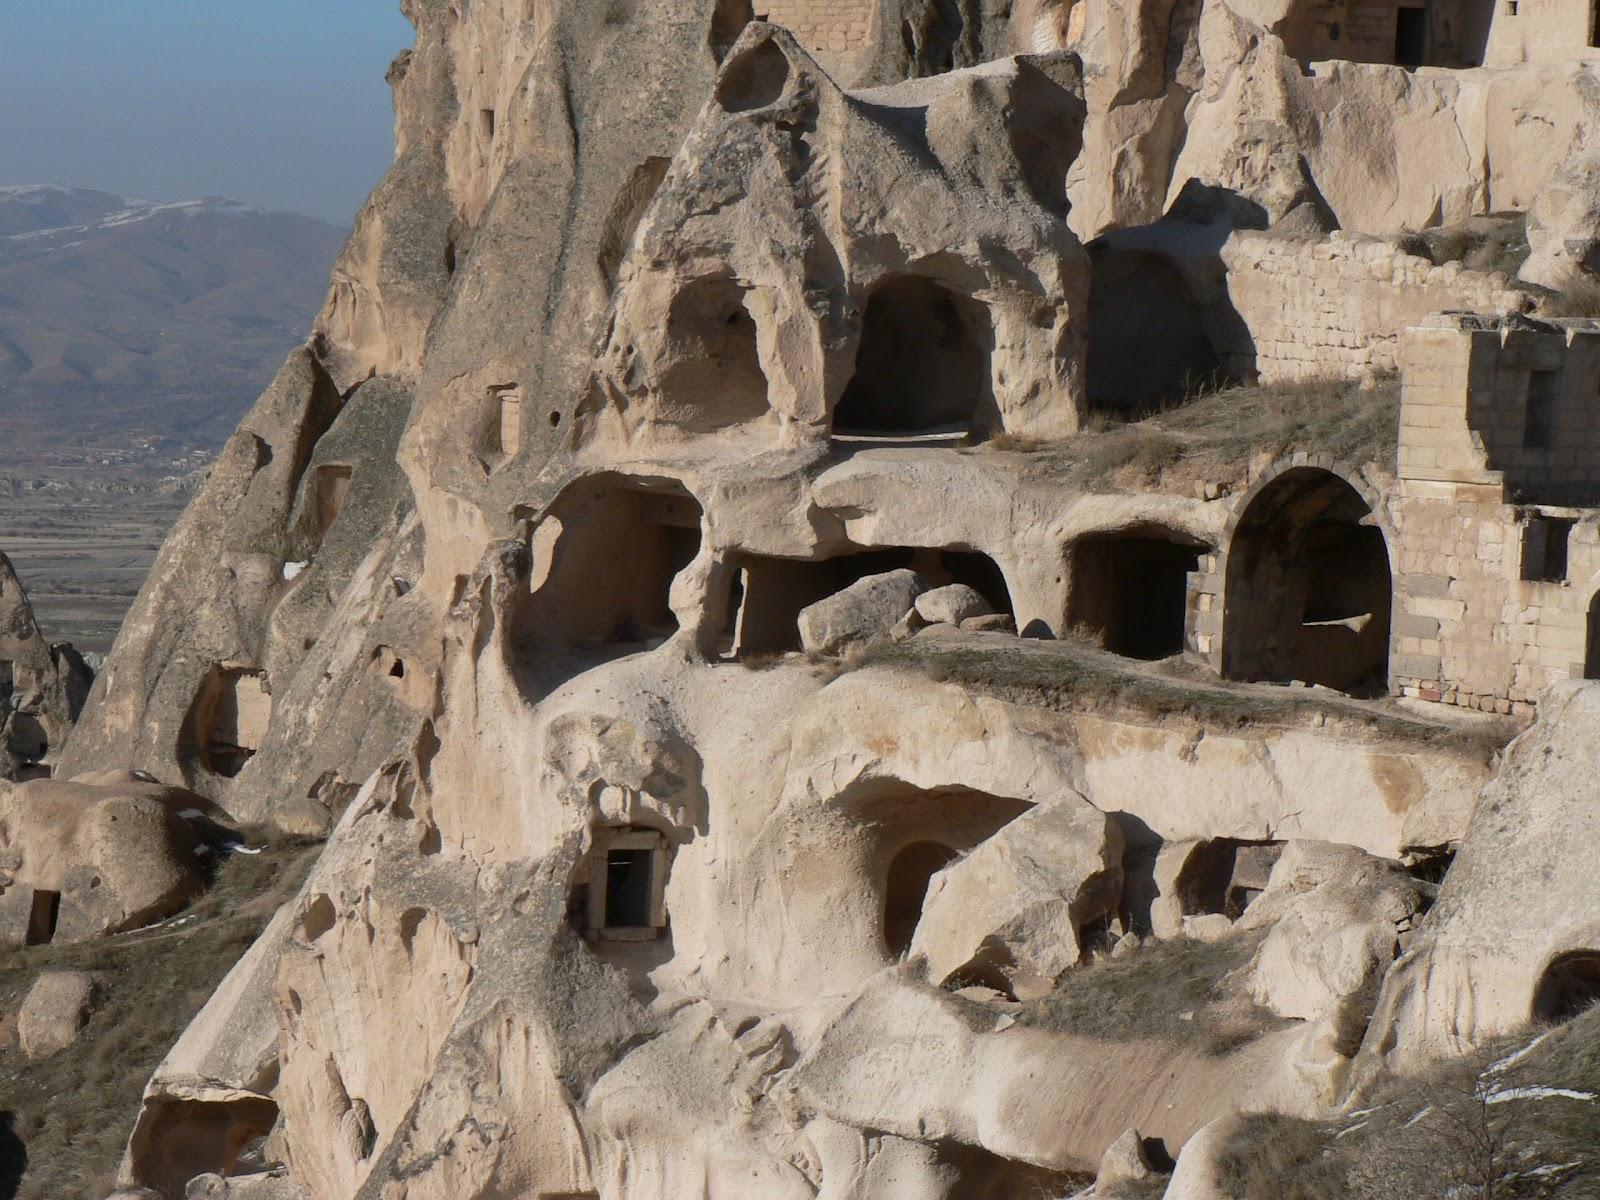 Nejstarší zprávy o tunelech v Kappadokii pocházejí už z 5. stol. př. n. l.